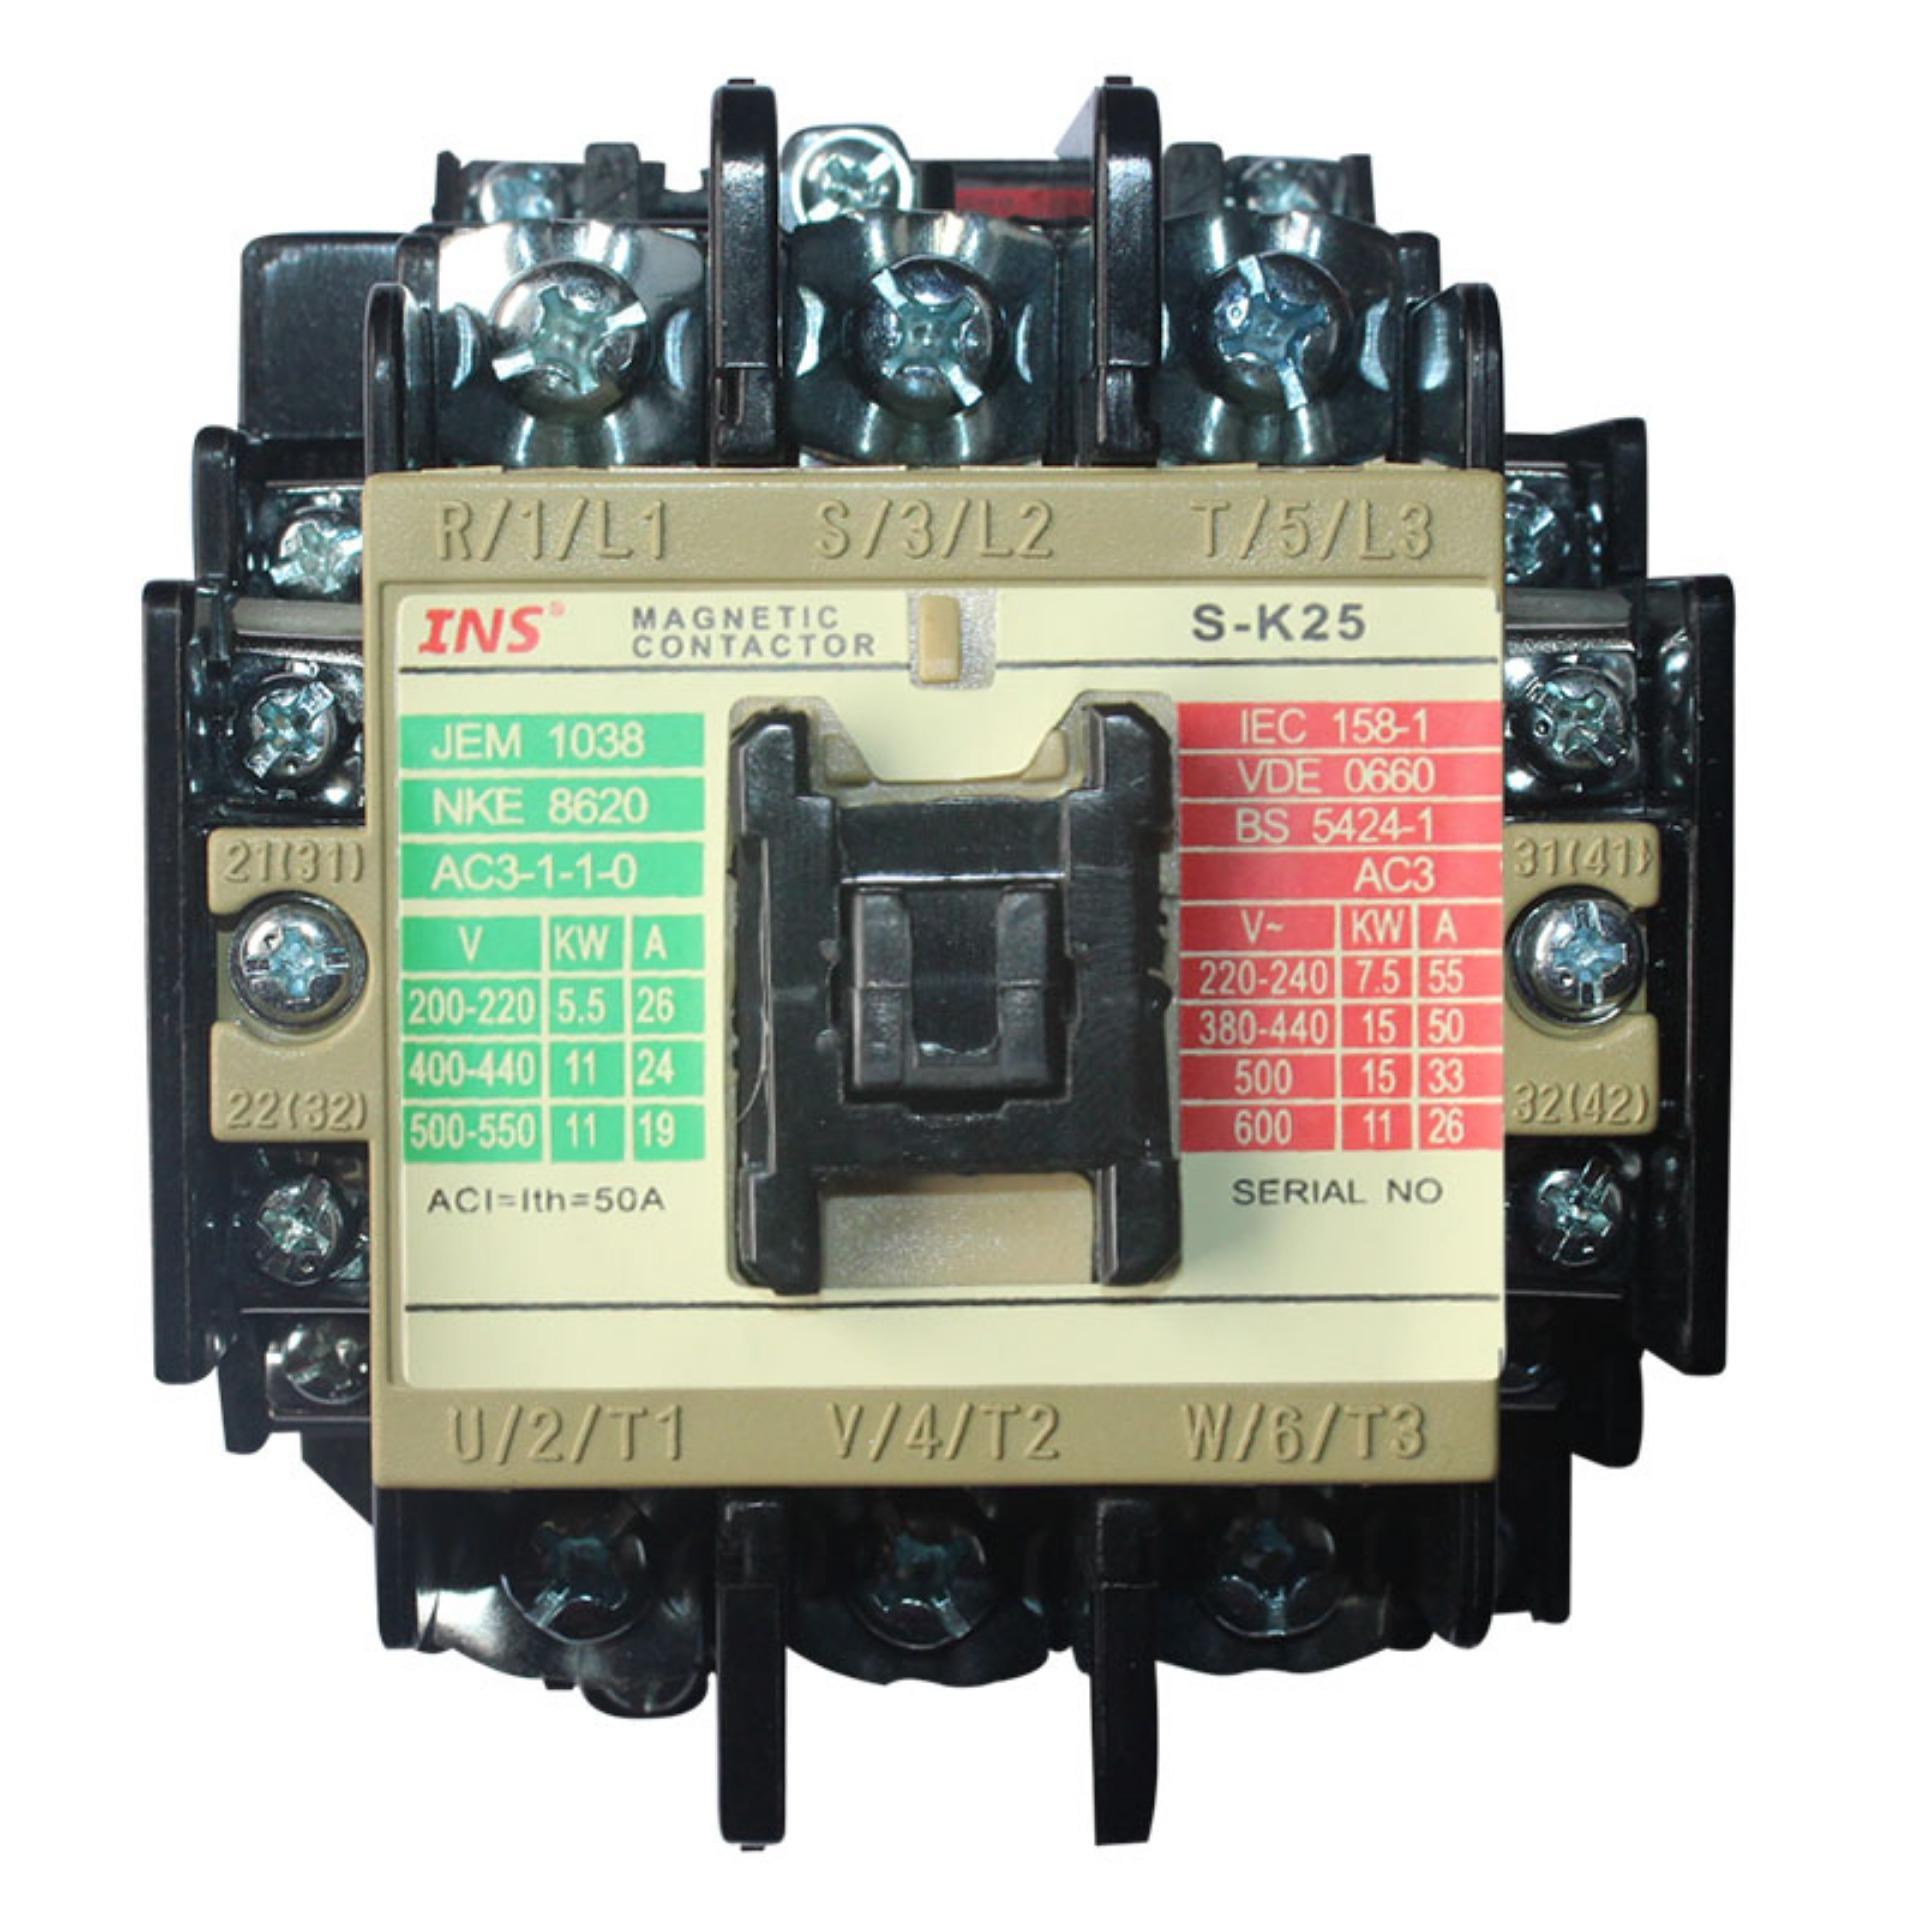 Harga Eelic Com Sk25 Contactor Ac Magnetic 3P Ac 50A 220V 380V 440V 50 60 Hz Coil Terbaik